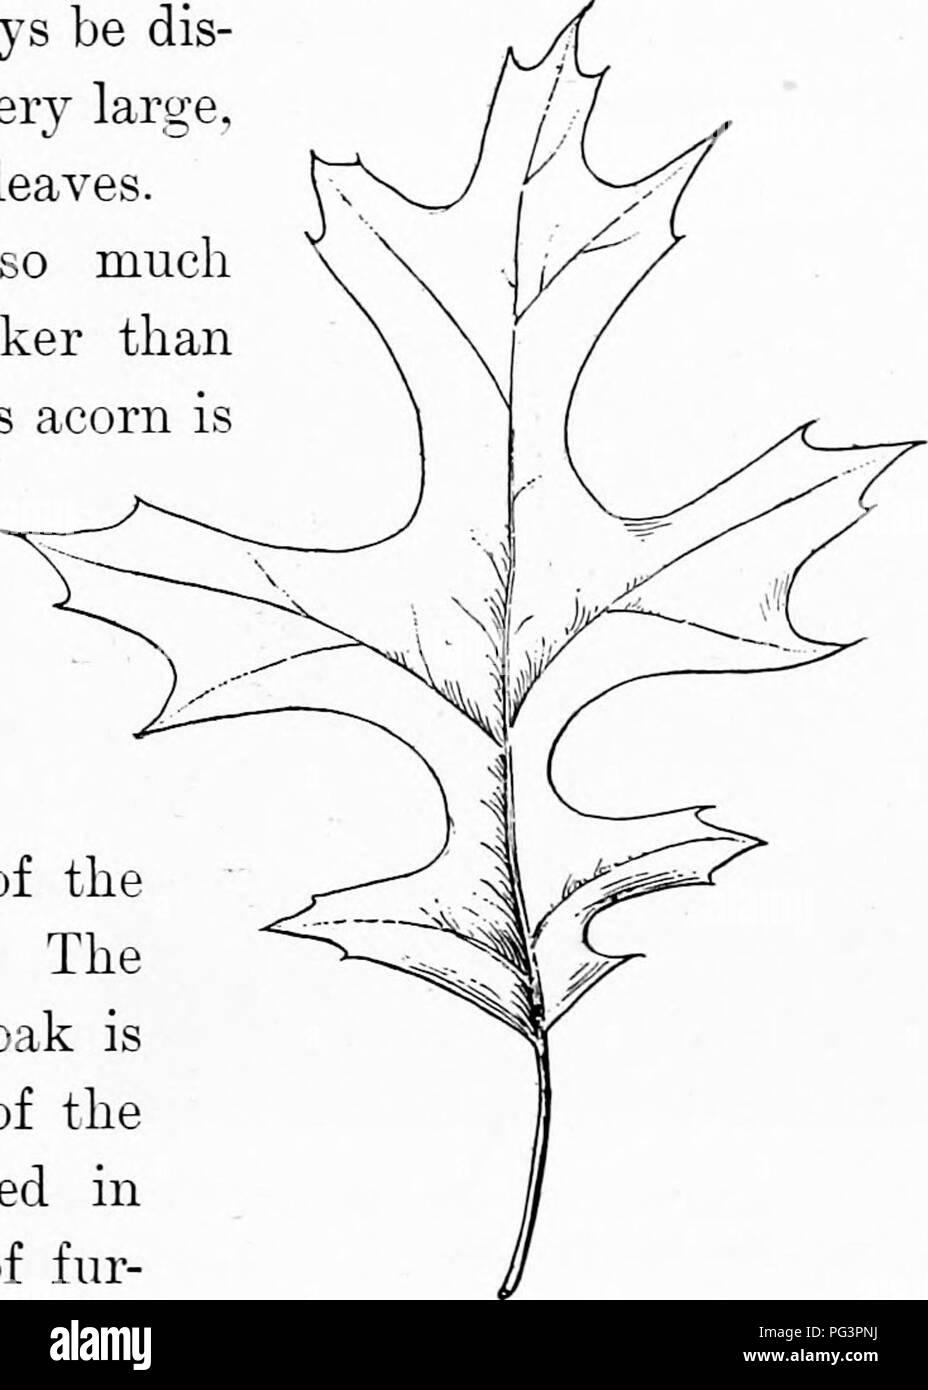 Elementare Holzbearbeitung. Holzarbeiten; Bäume. Die Eichen